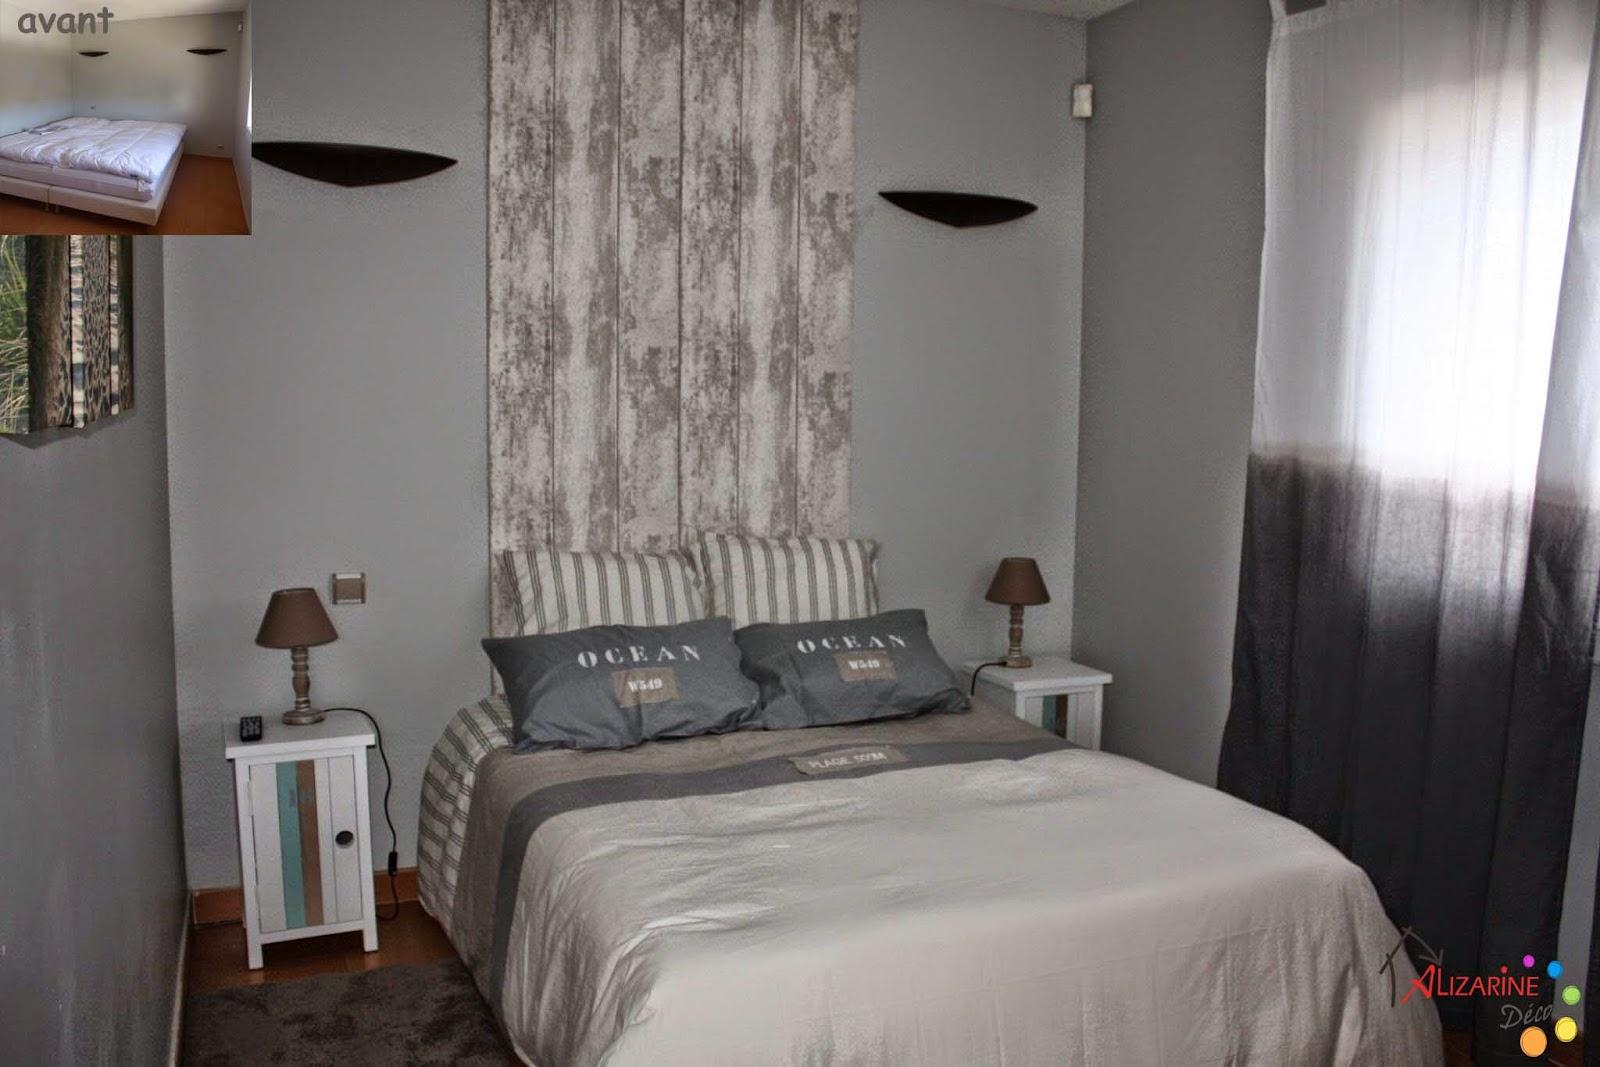 Le blog d'alizarine déco: aménagement d'un appartement de vacances ...